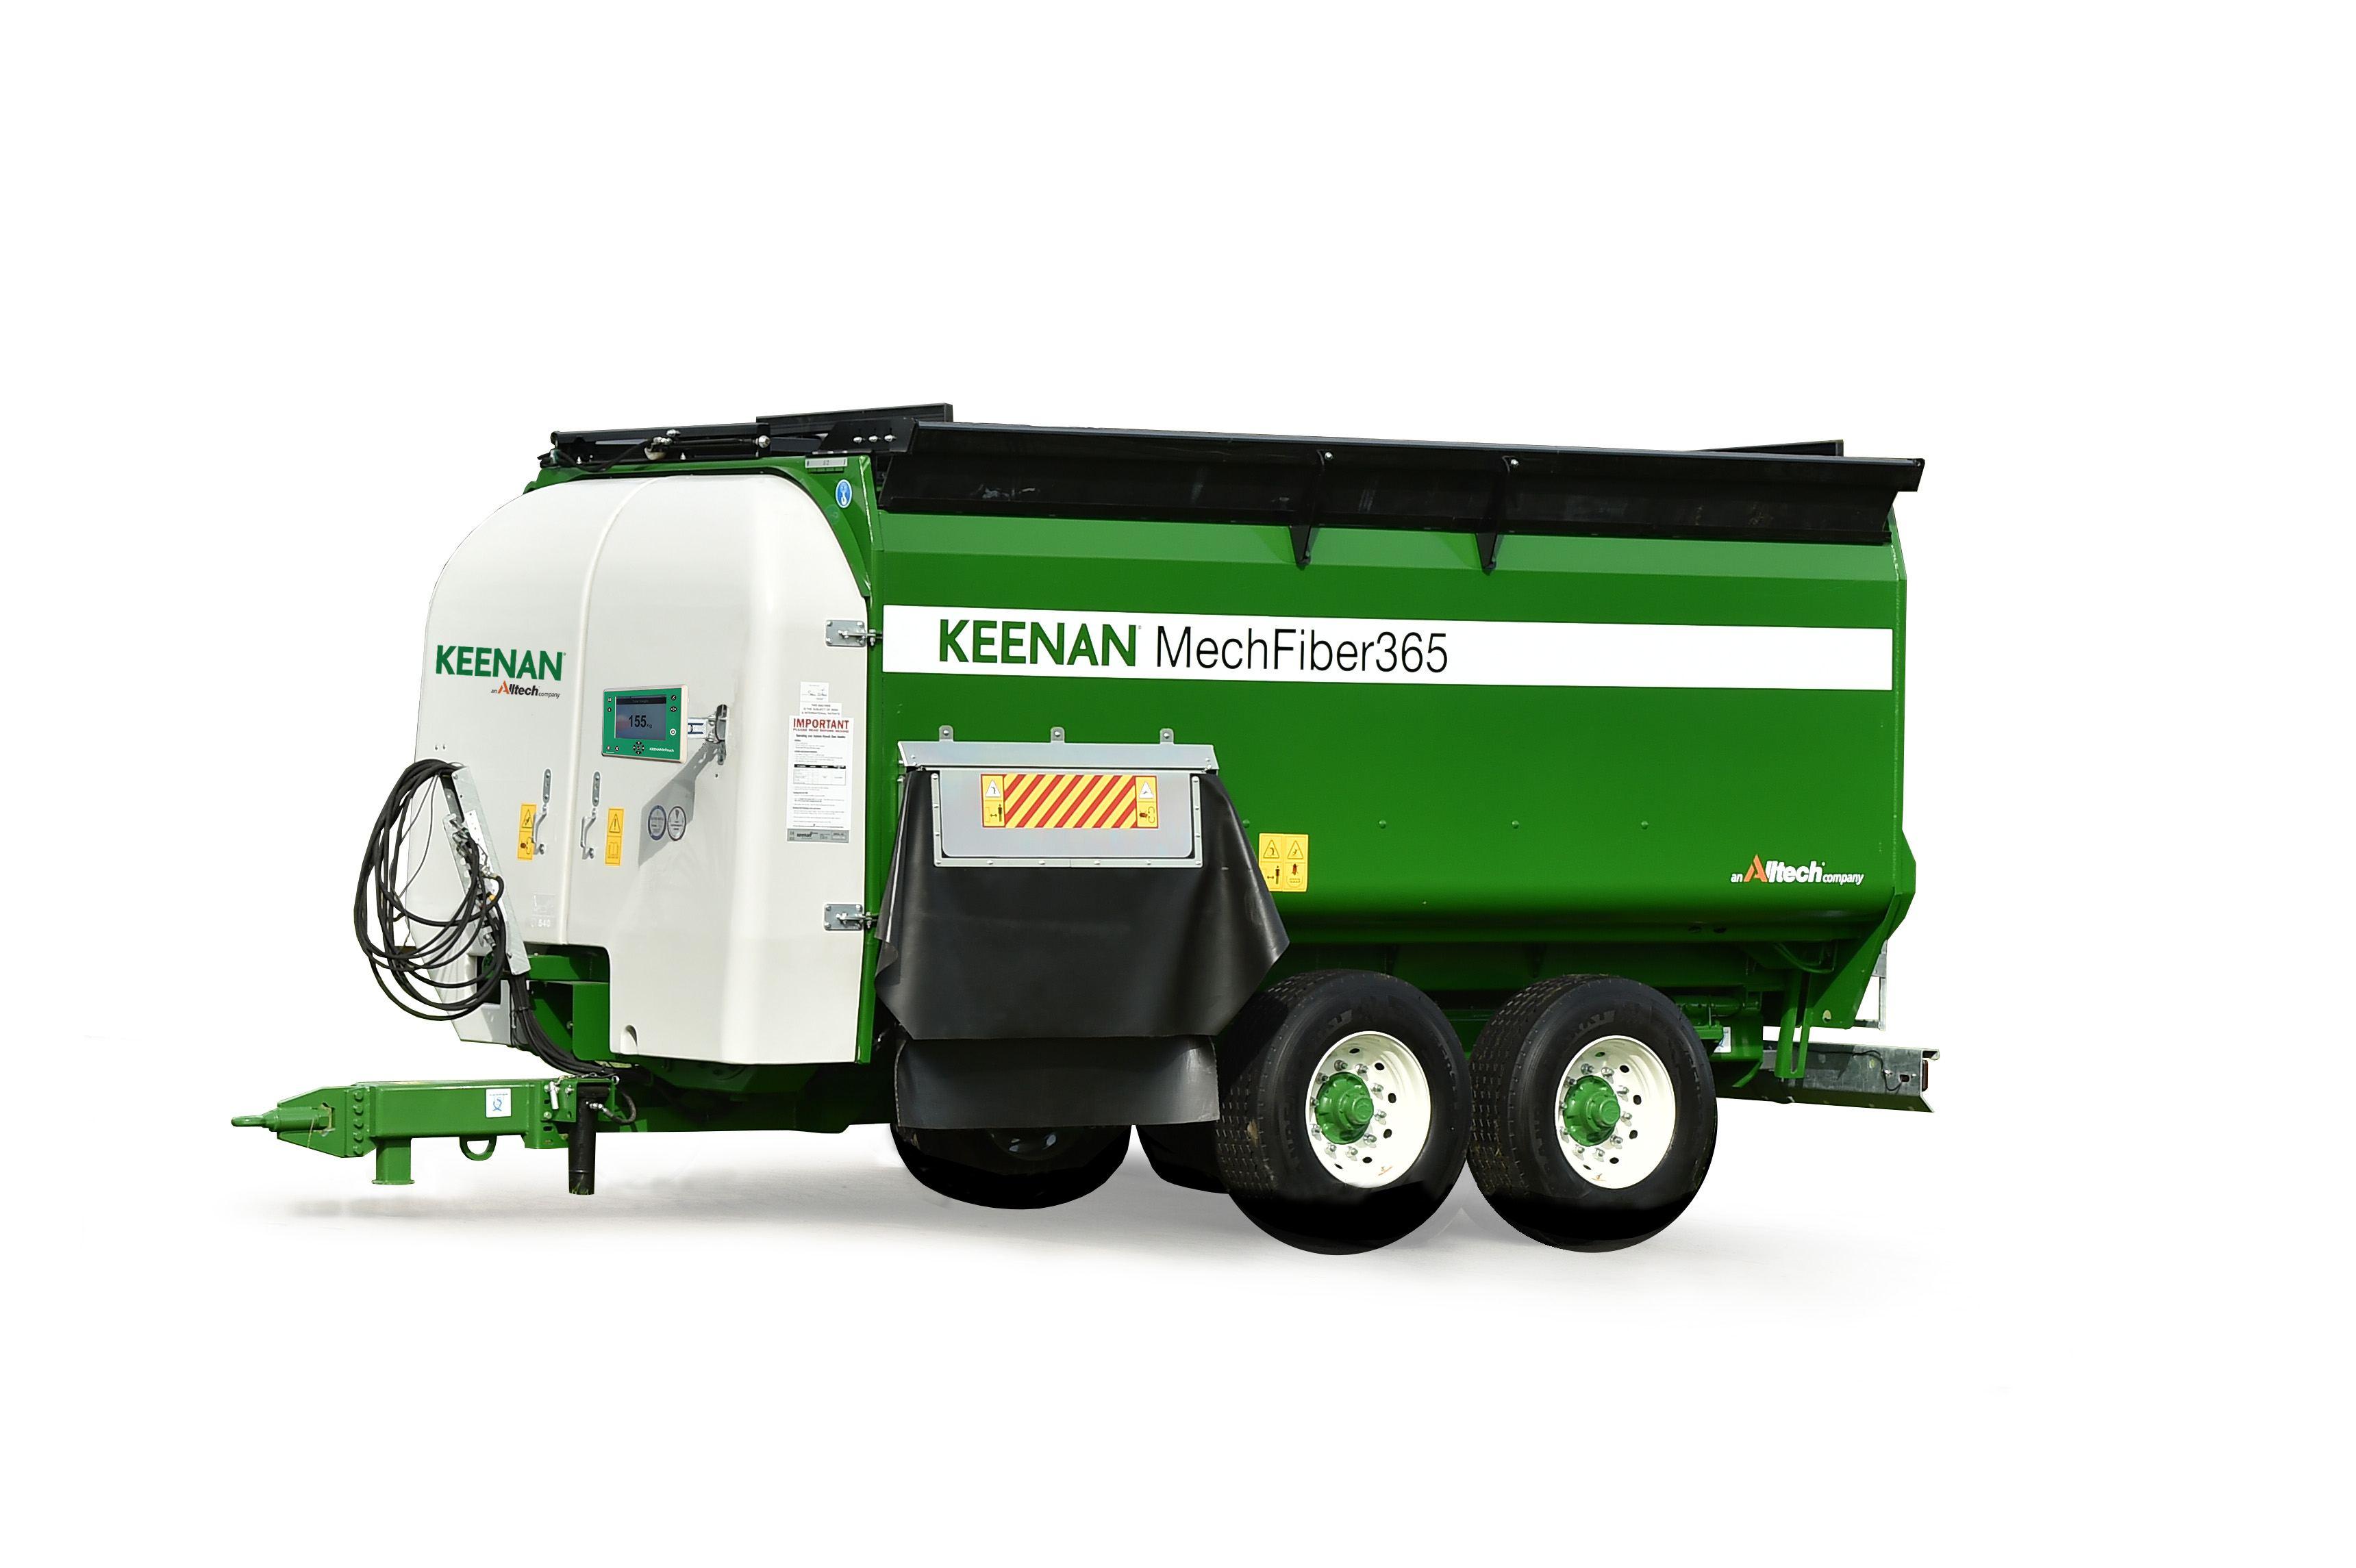 Keenan Mechfiber365 Alltech